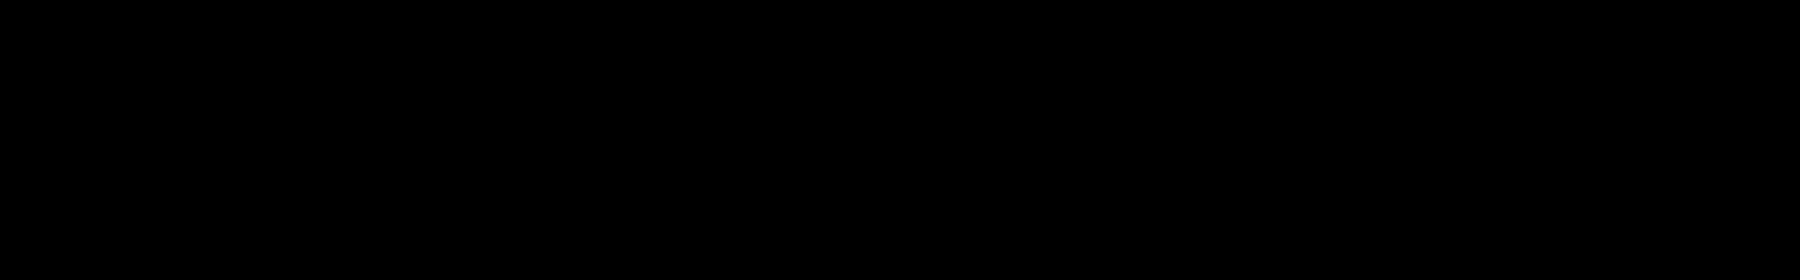 Blackout audio waveform